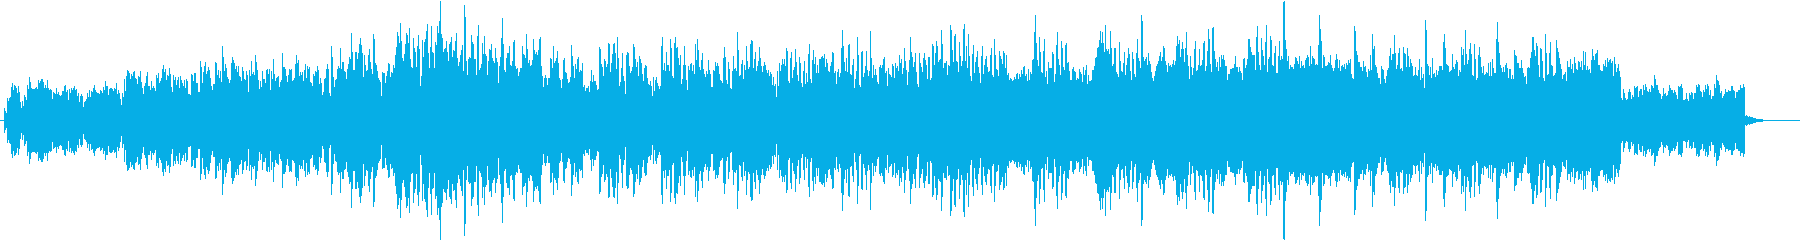 浮遊感、上昇感のある優しいエレクトロニカの再生済みの波形